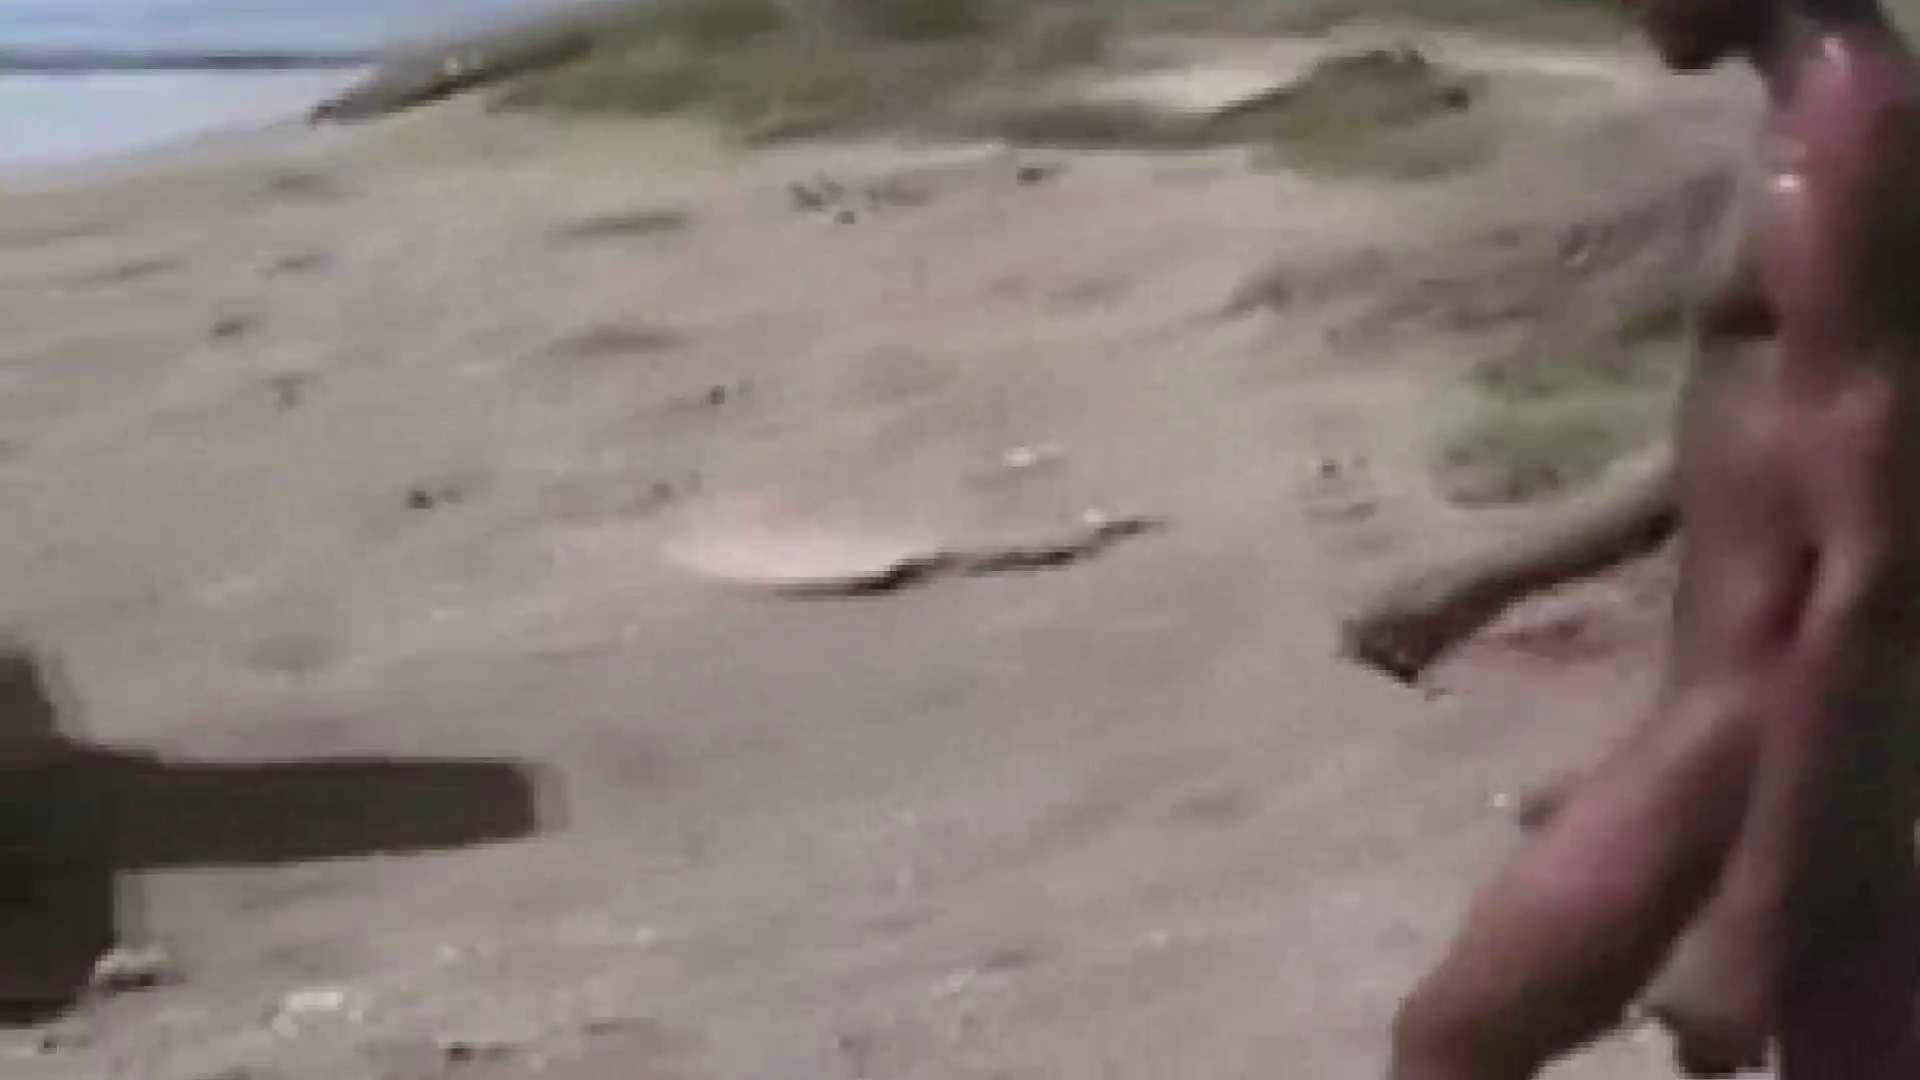 野生児 黒人のオナニー オナニー | 無修正 アダルトビデオ画像キャプチャ 109pic 107